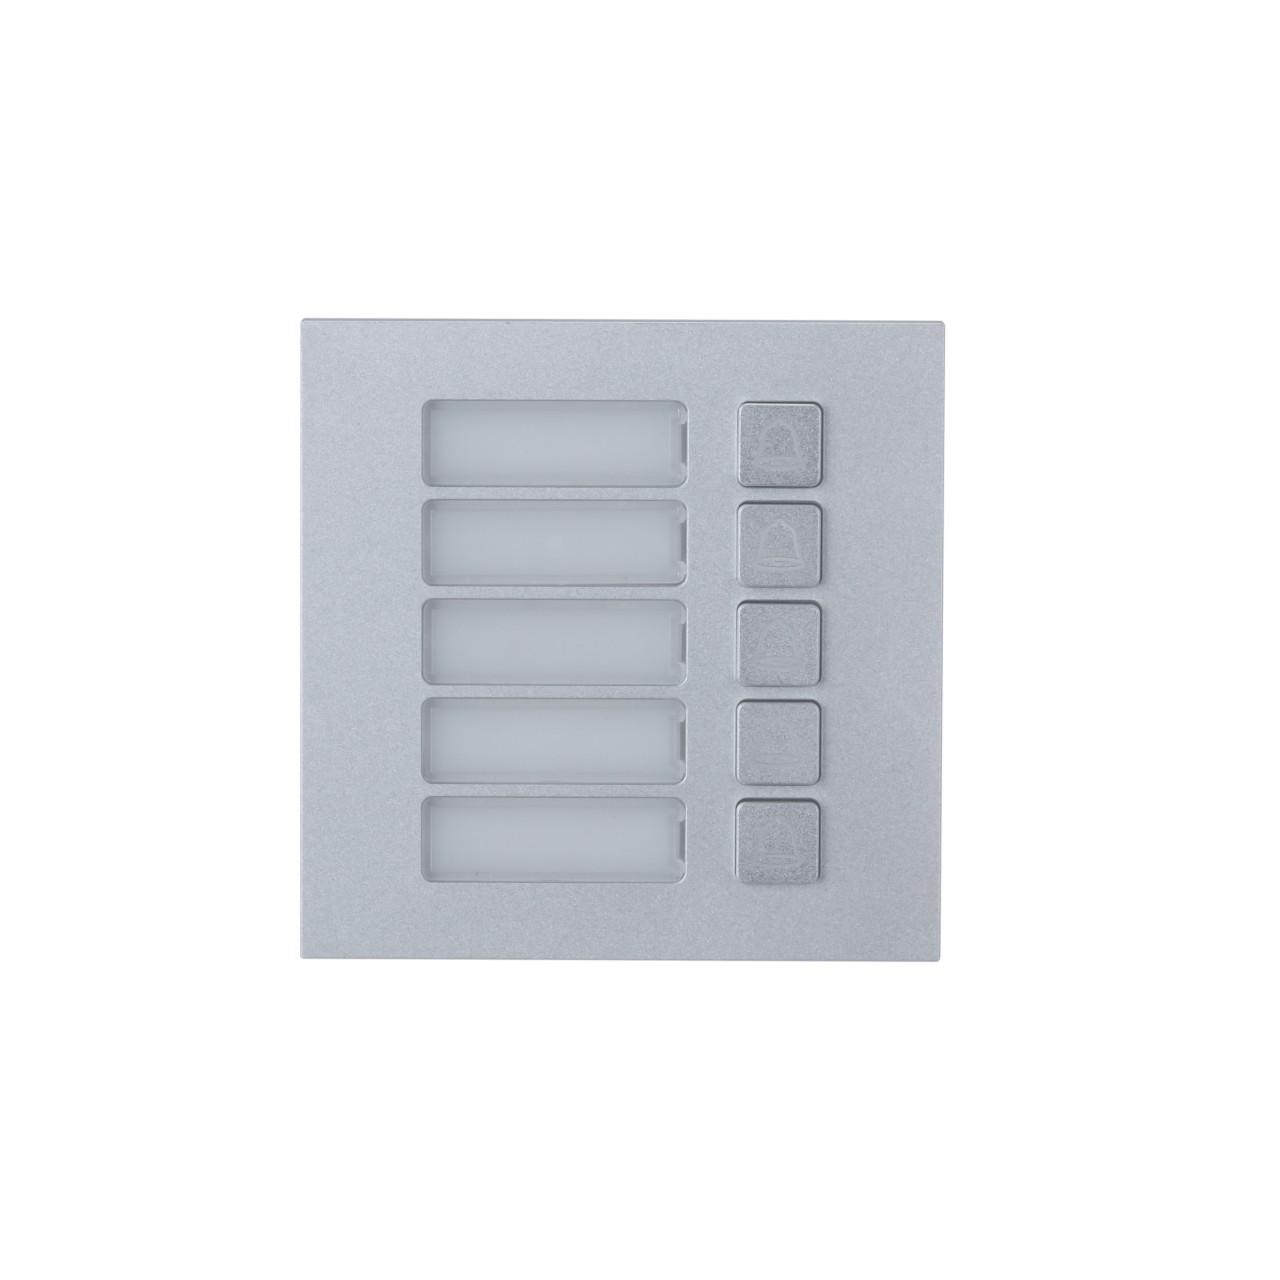 TURM IP Video Türsprechanlage 5 Klingeltaster Modul für die Außenstation